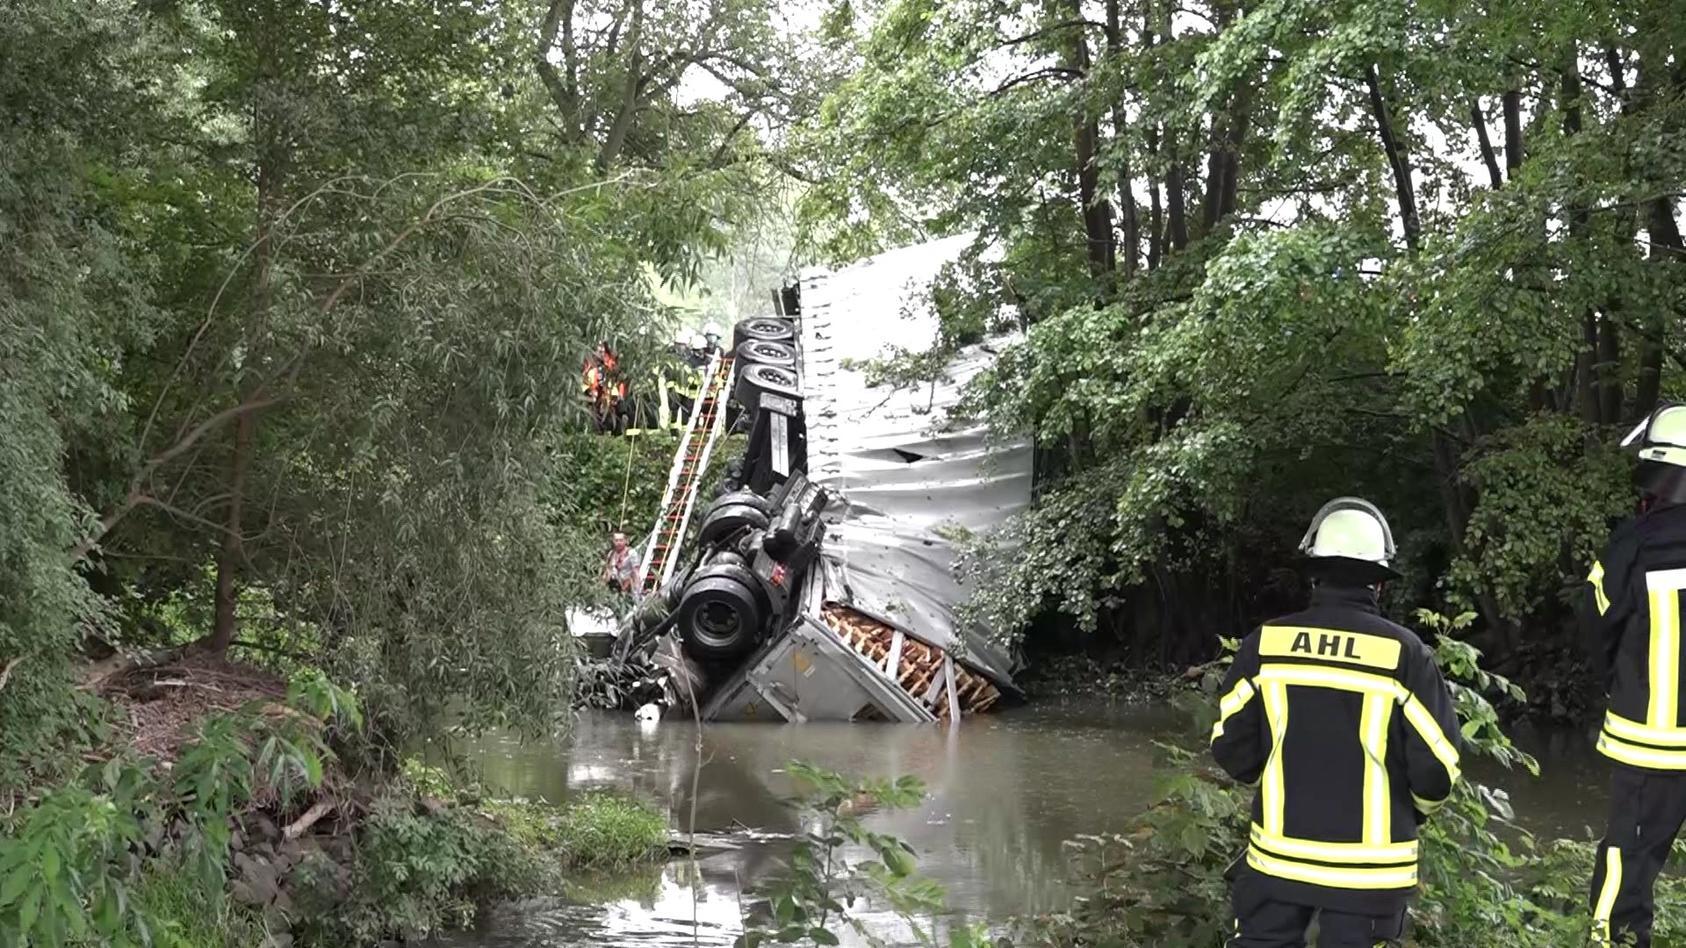 Das Führerhaus landete im Fluss - der Fahrer konnte nur noch tot geborgen werden.